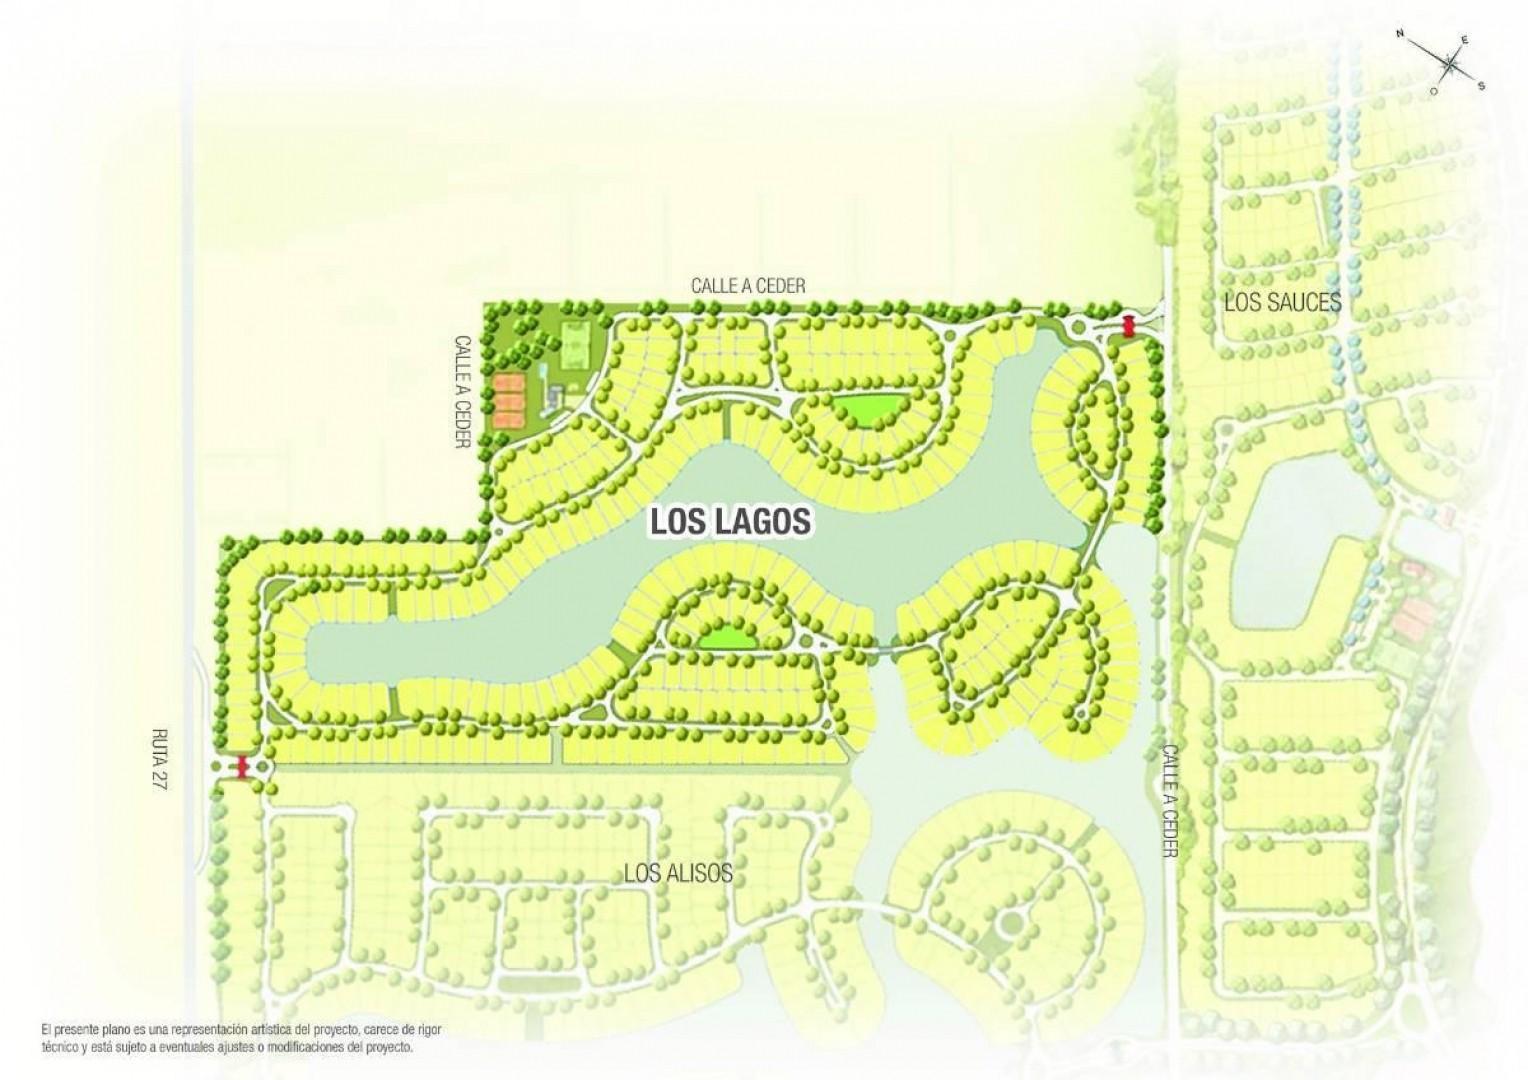 Lote al agua en Los Lagos